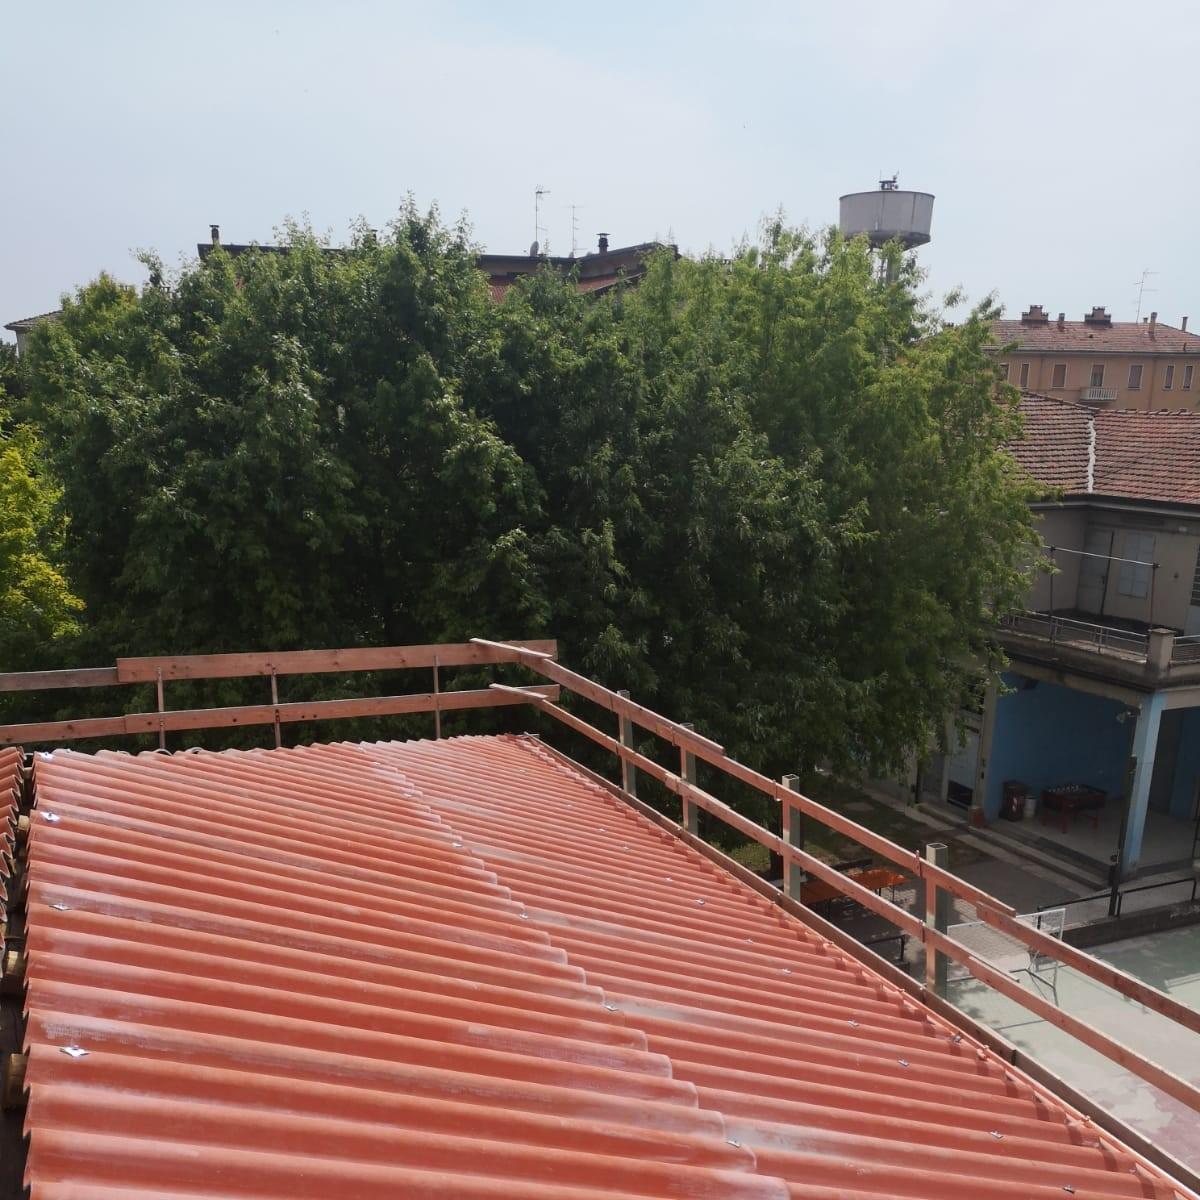 Lavori tetto Palazzina foto aggiunte (4)